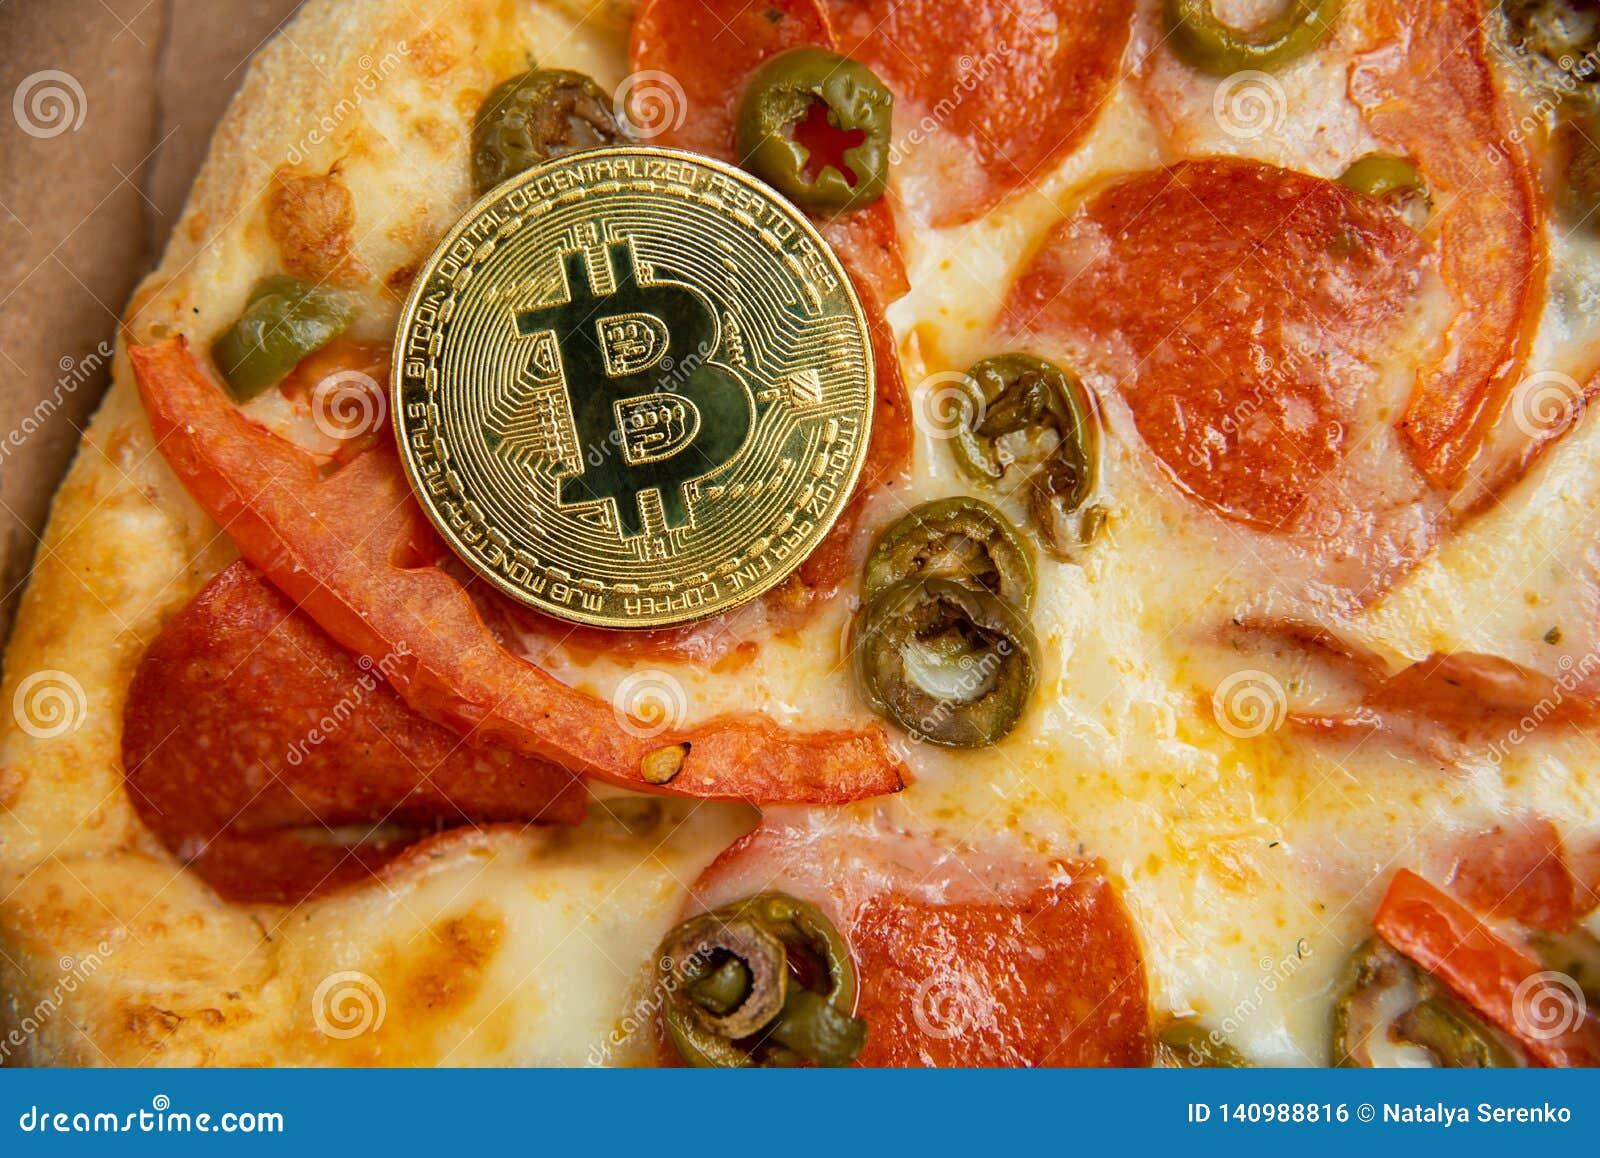 Dalle due pizze con Bitcoin a Lightning Network: il neo delle commissioni